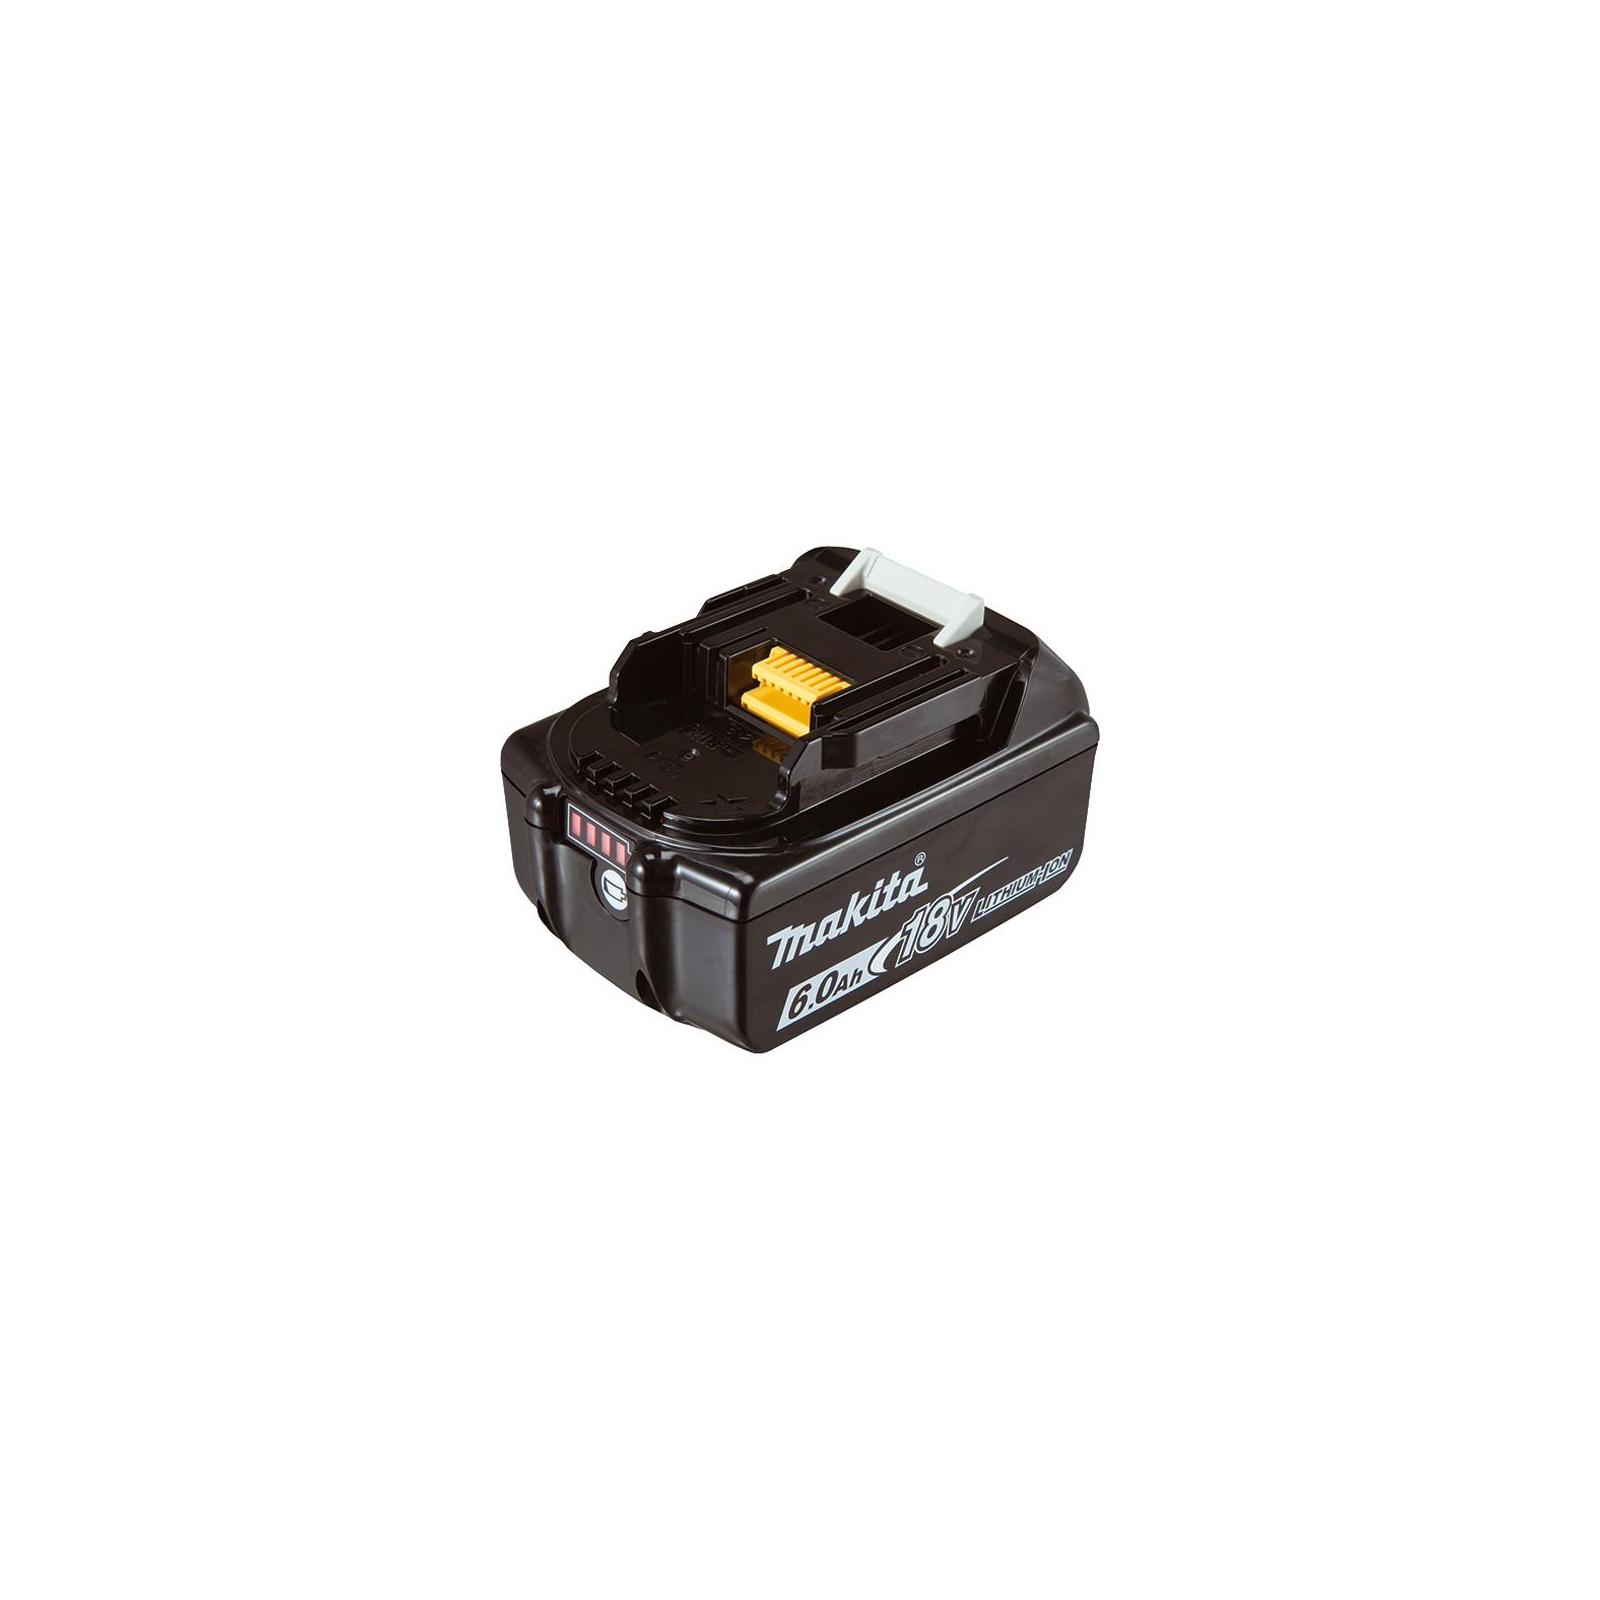 Аккумулятор к электроинструменту Makita LXT BL1860B (Li-Ion, 18В, 6Ач, индикация заряда) (632F69-8)